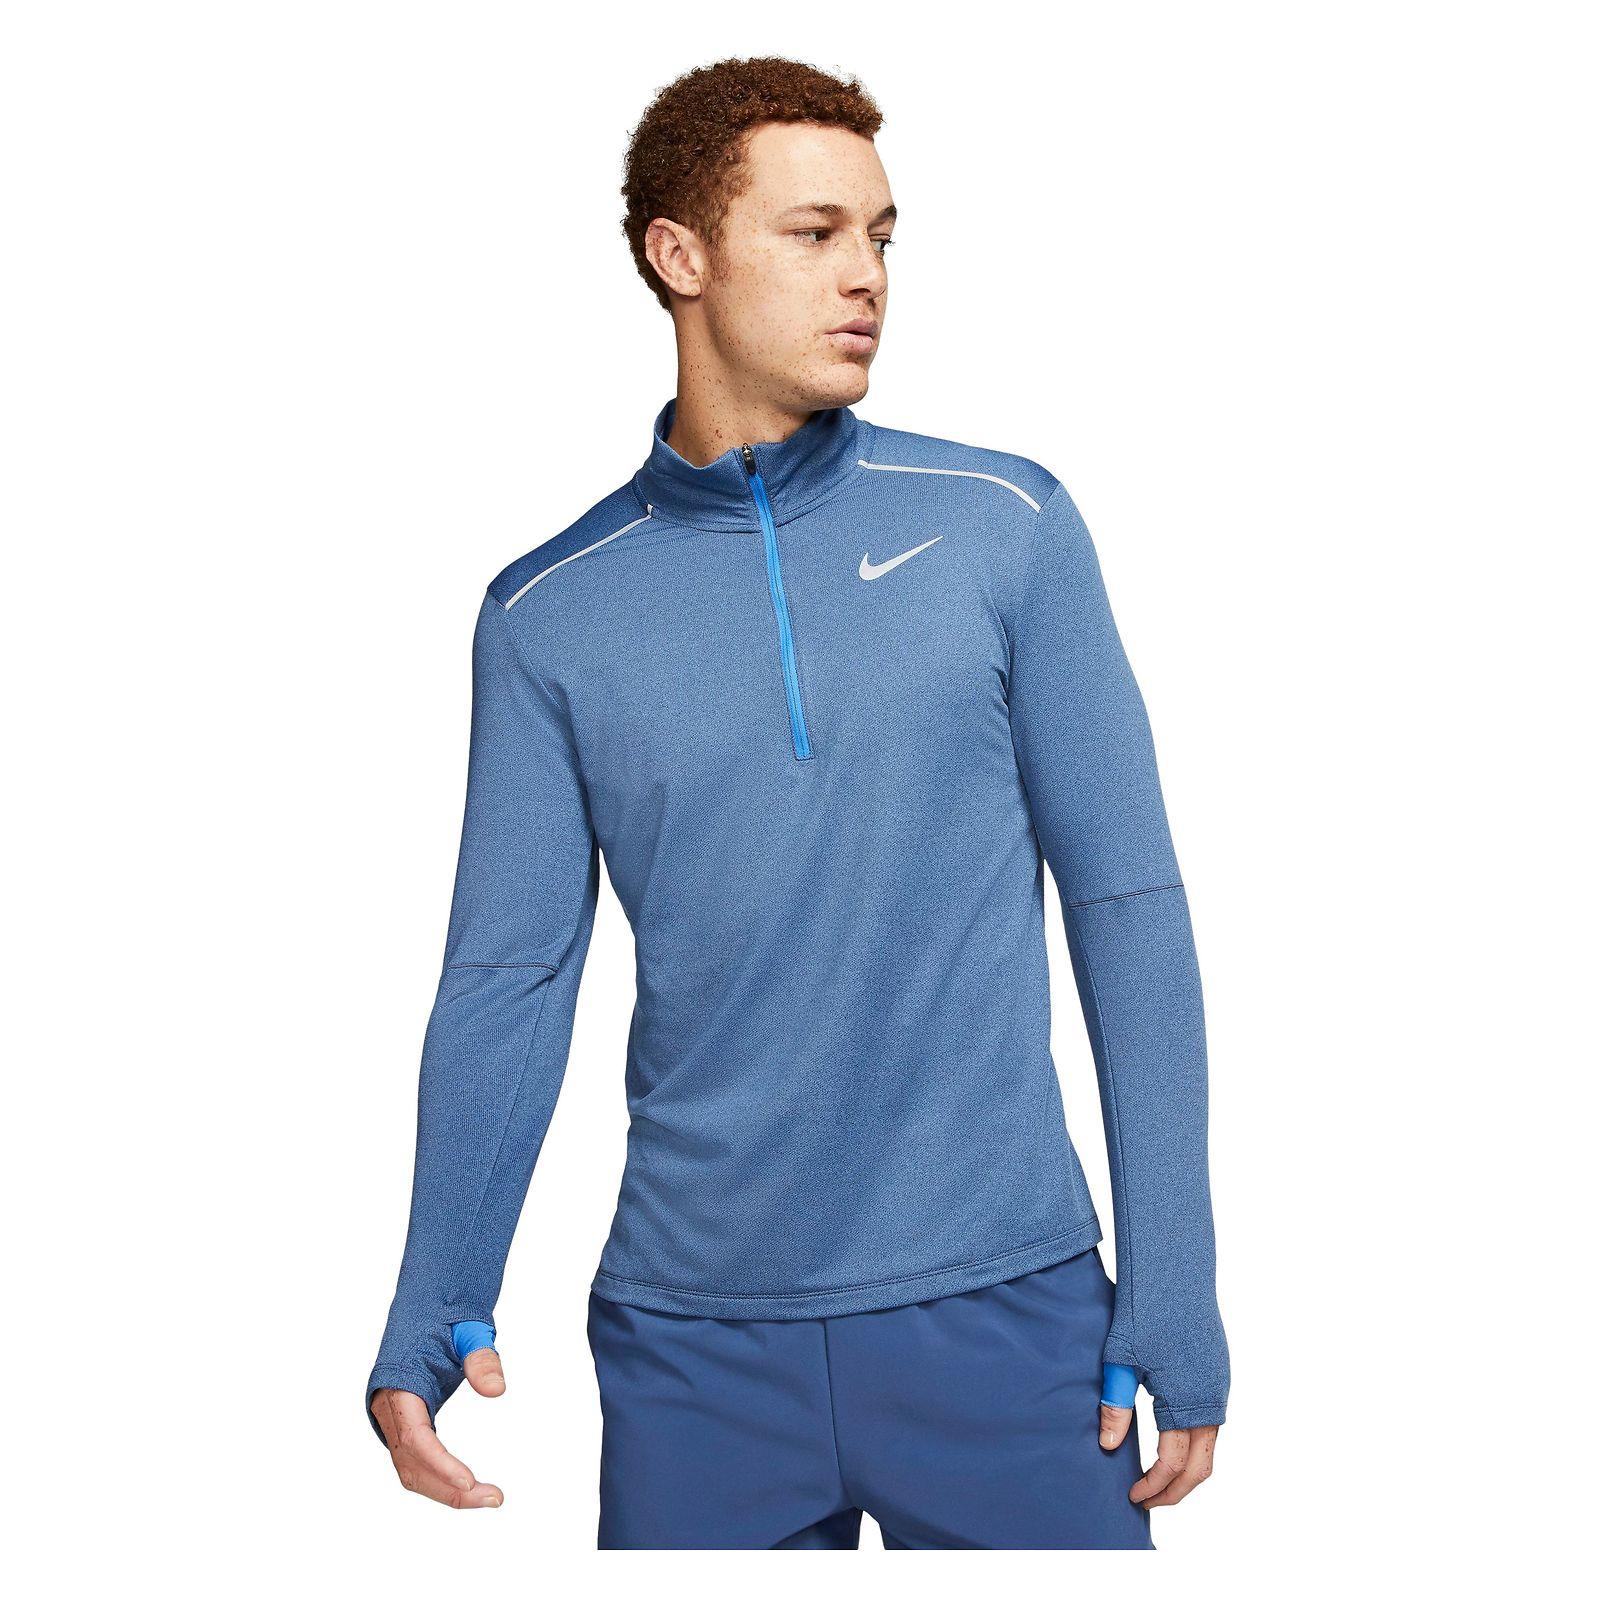 Bluza męska do biegania Nike 3.0 BV4721